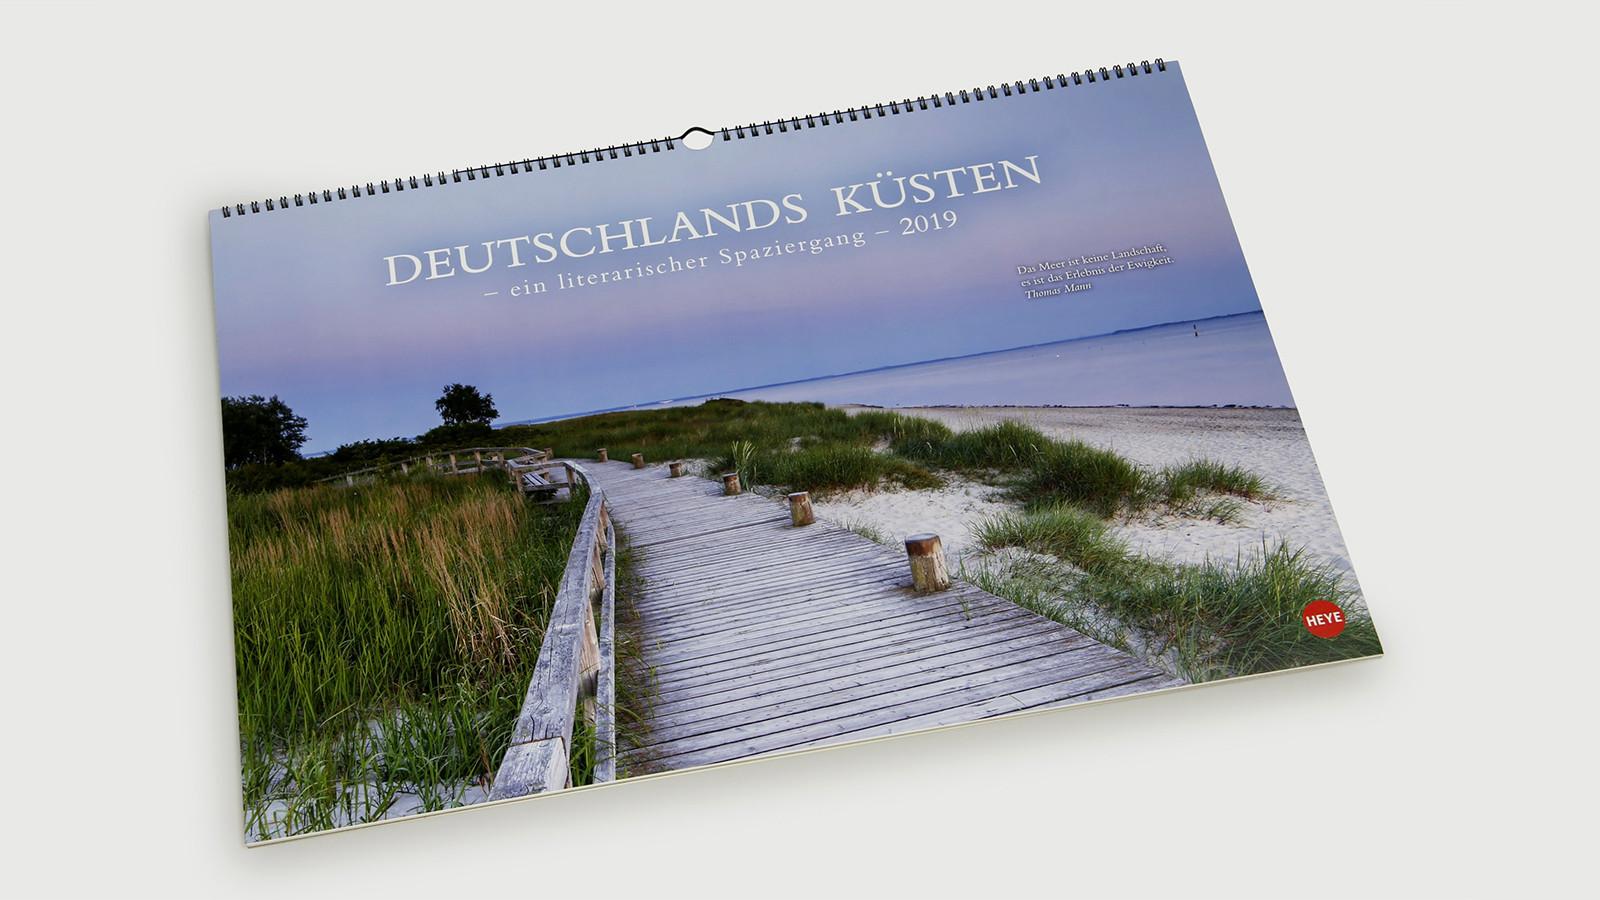 Kalender_Deutschlands_Kuesten.jpg